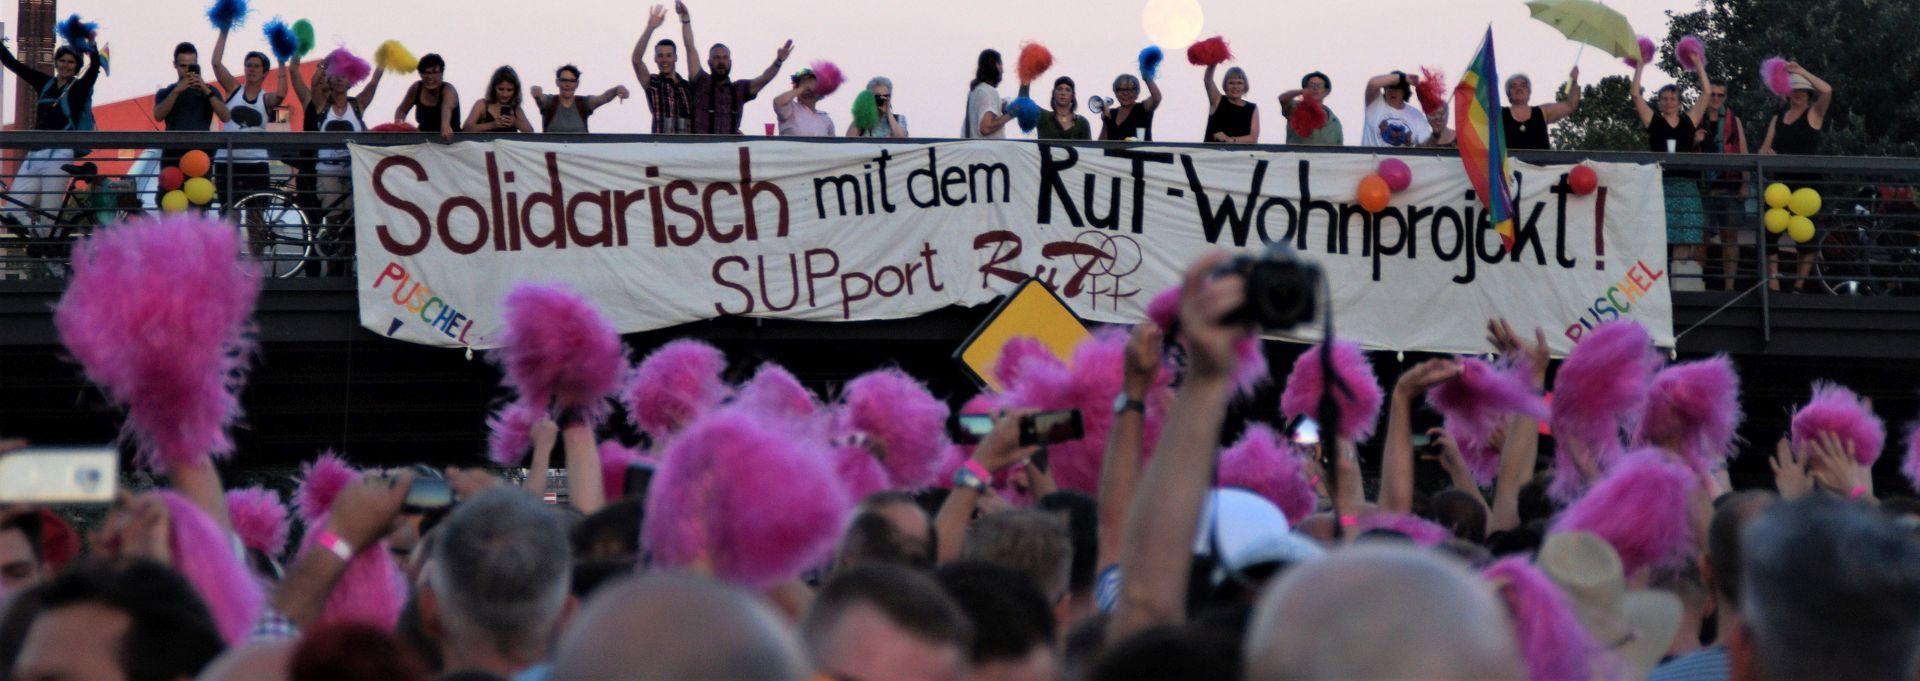 RuT FrauenKultur&Wohnen